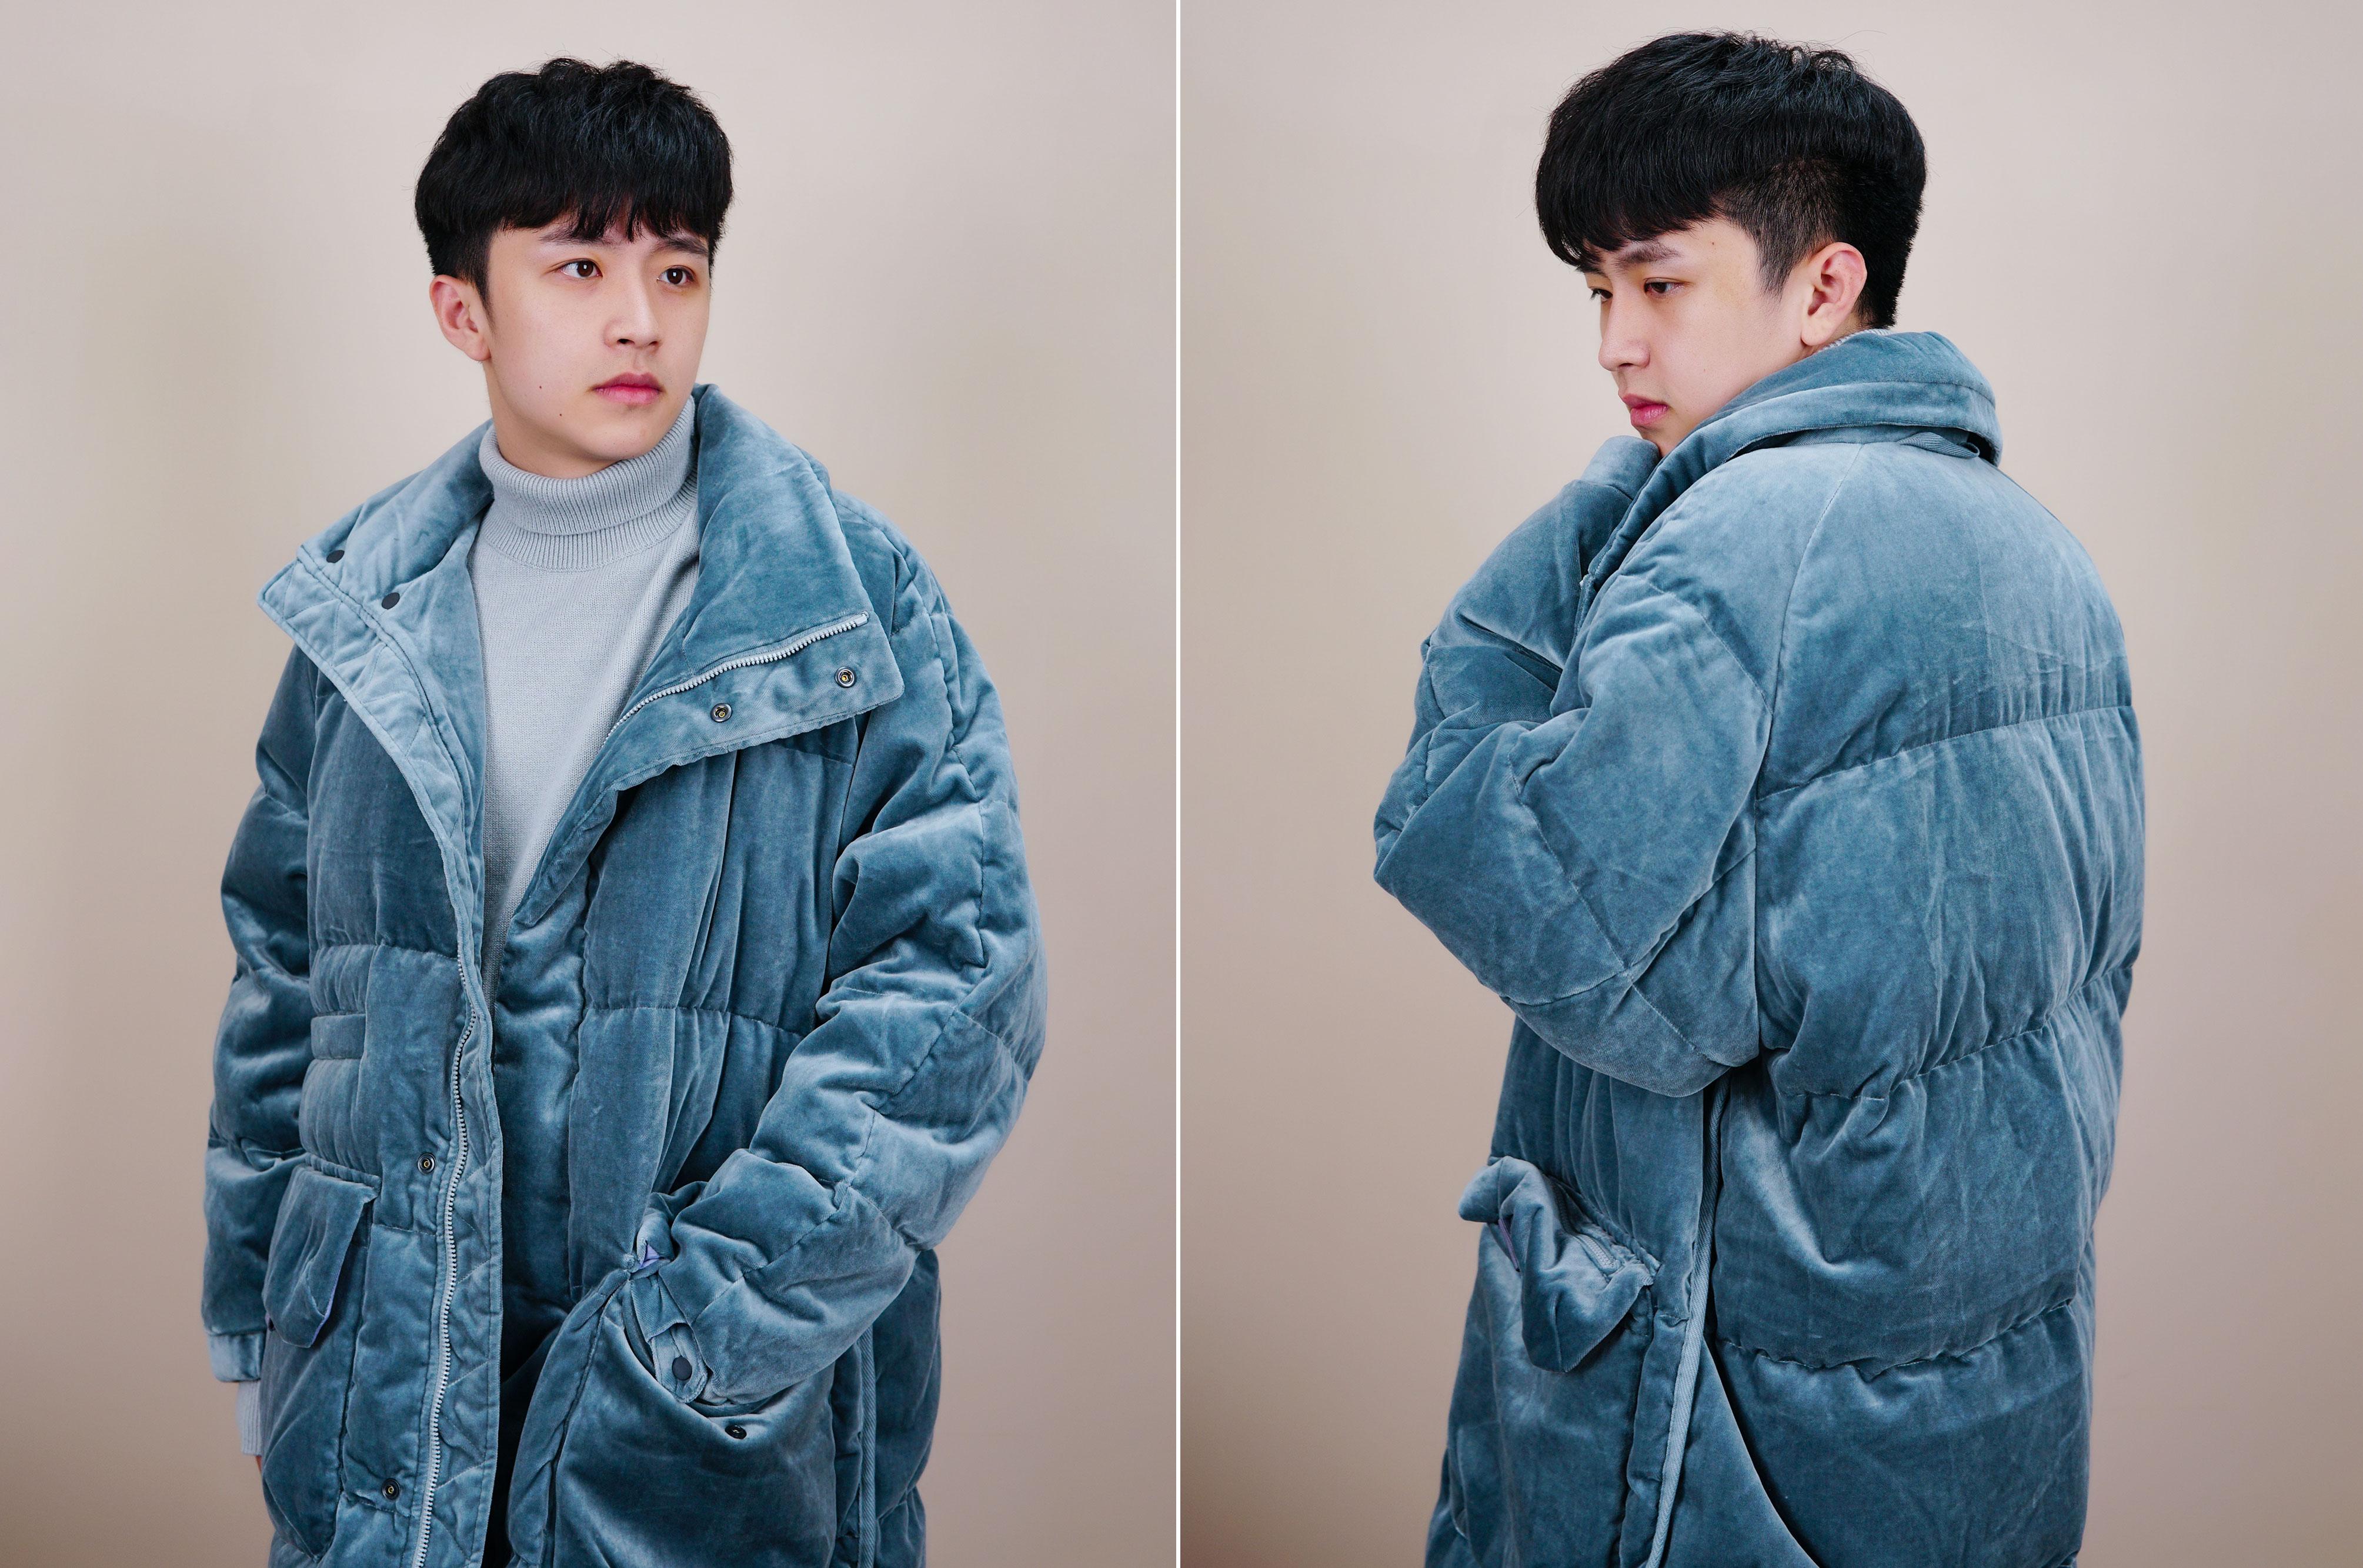 双十一买御寒外套,先把这份指南看一下!